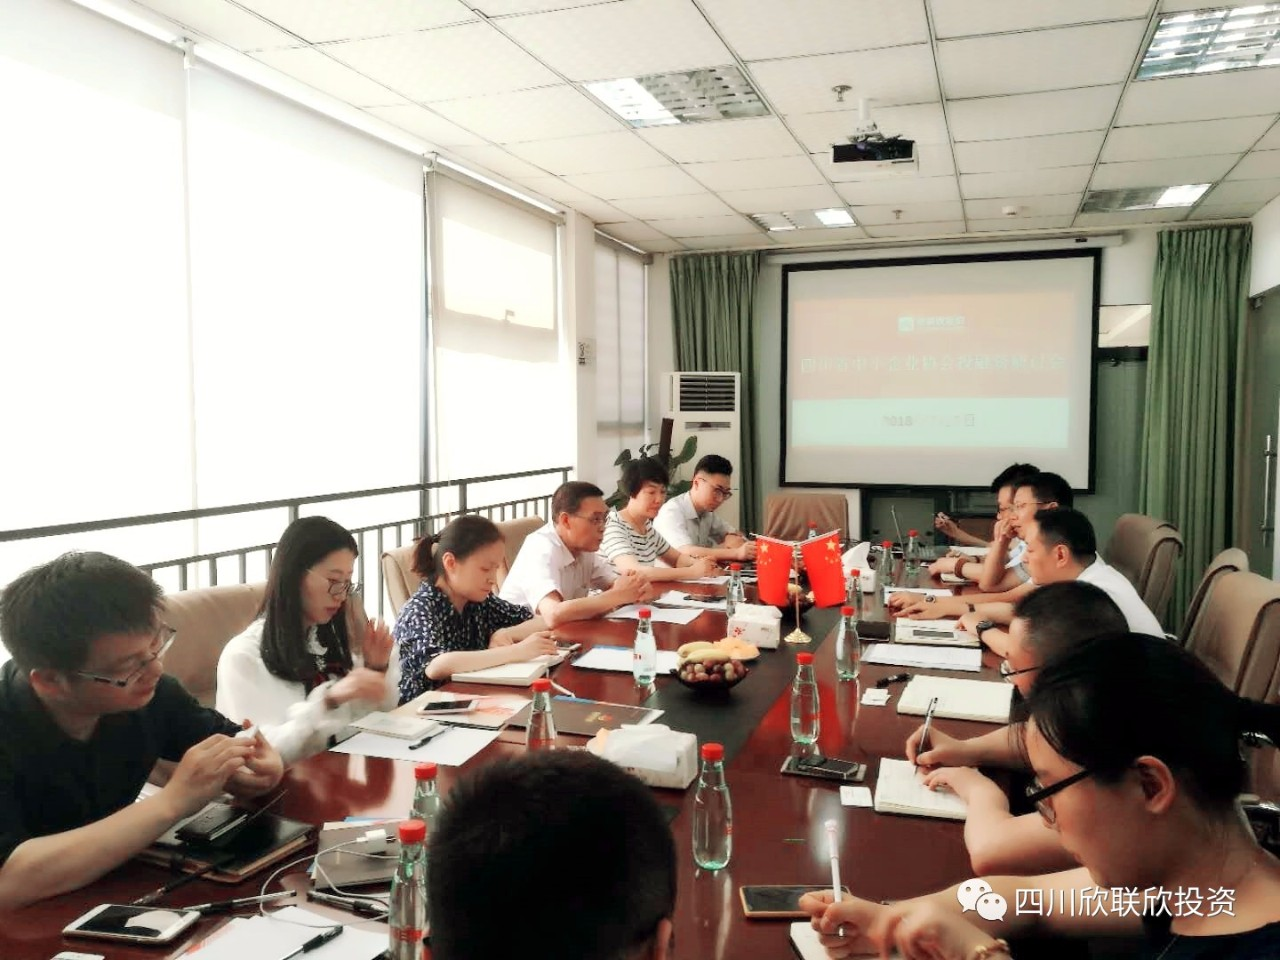 四川bwinchina集团与省中小企业协会携手召开投融资研讨会